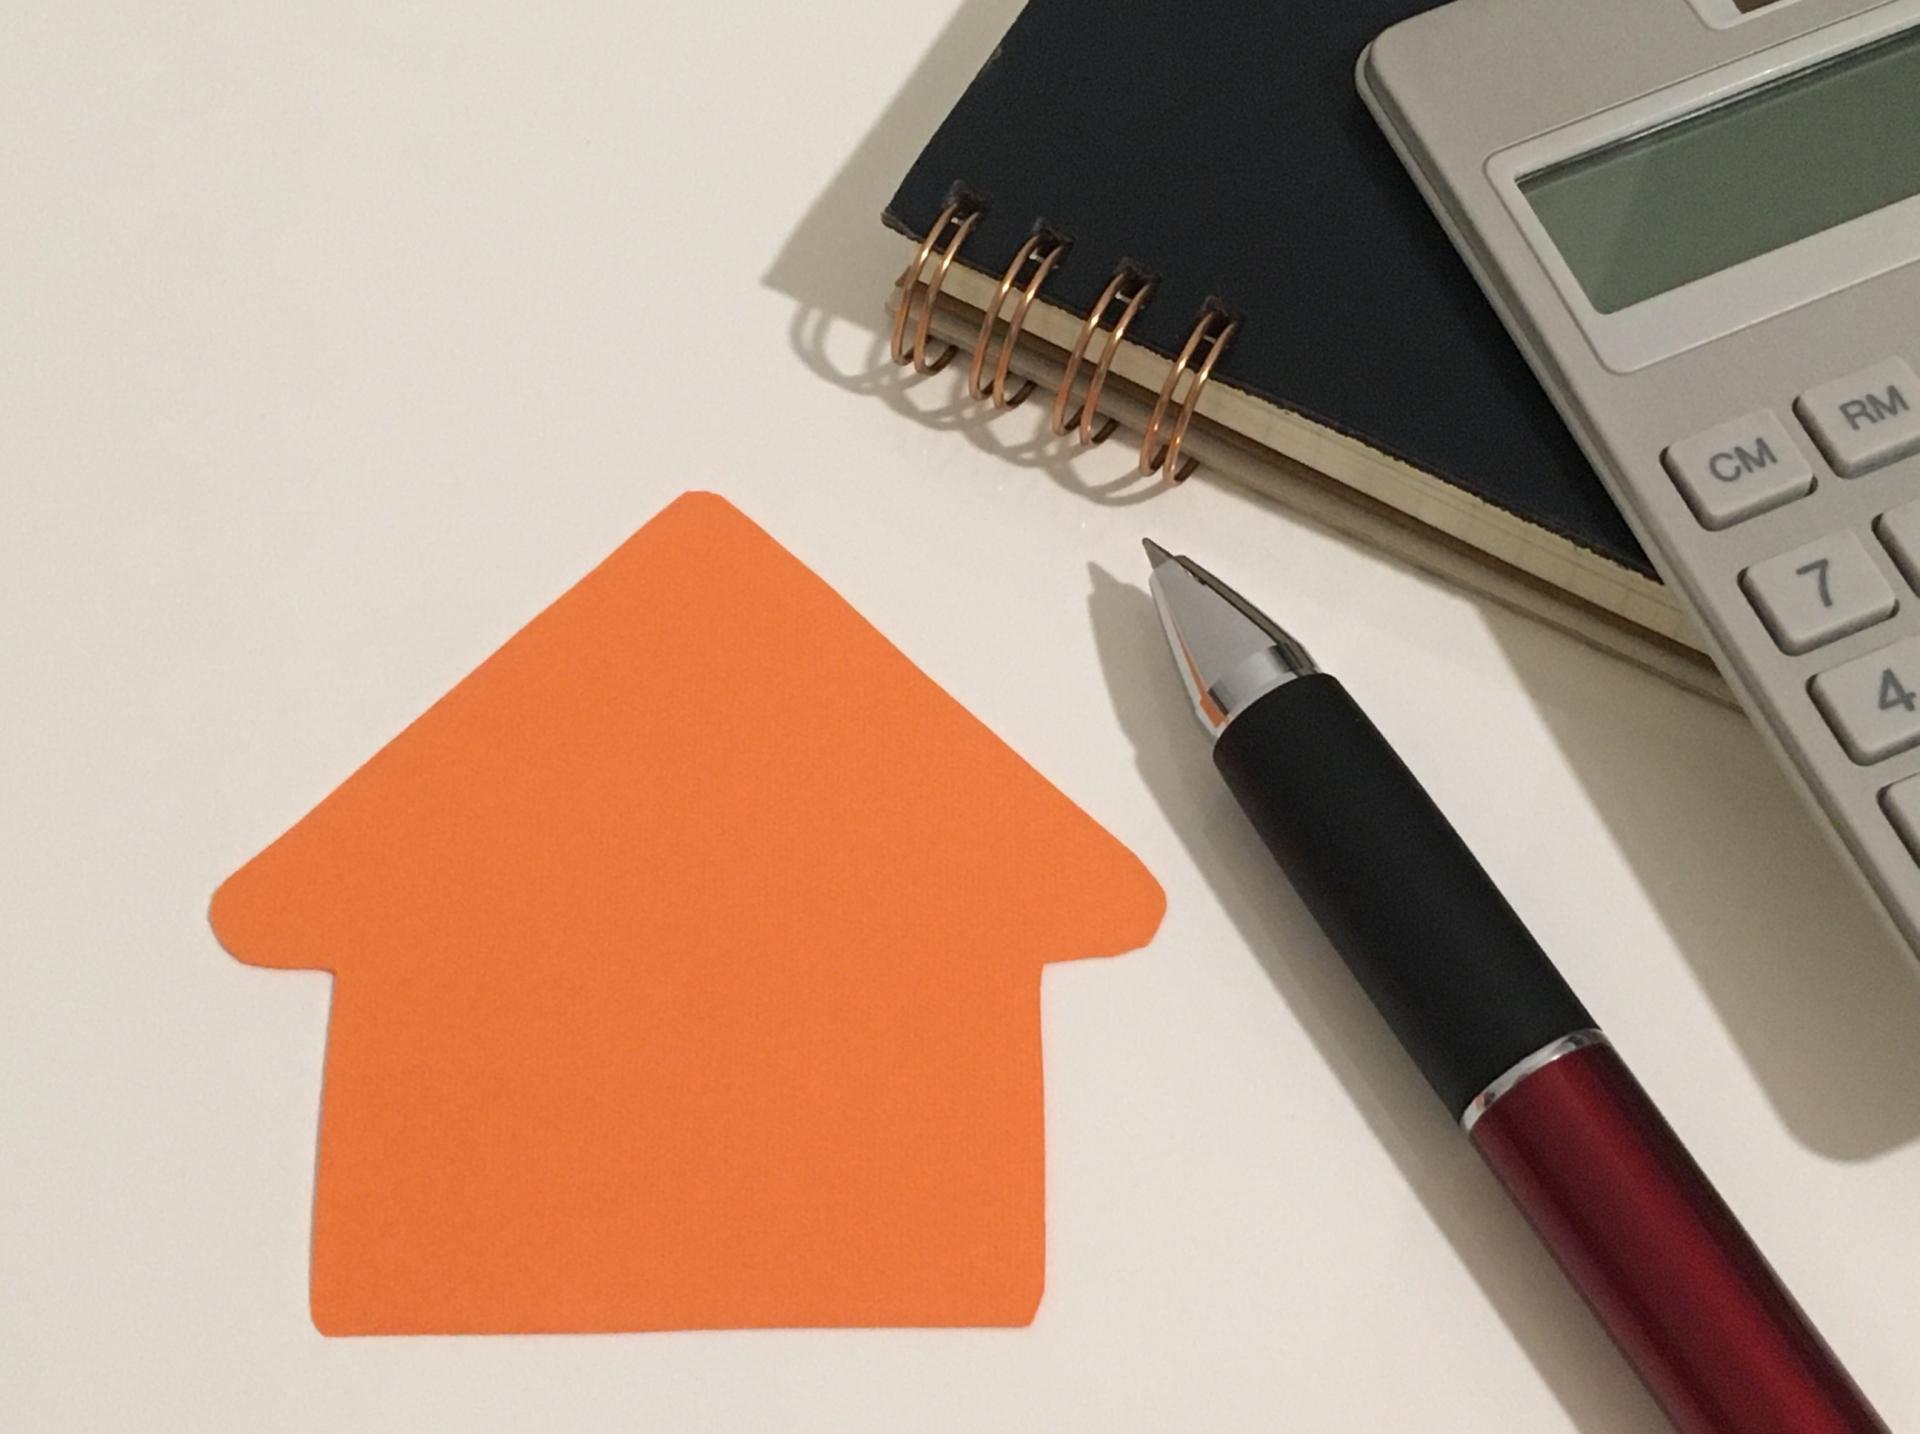 30坪屋根塗装の費用相場を1,200事例から分析!真の適正価格がわかる